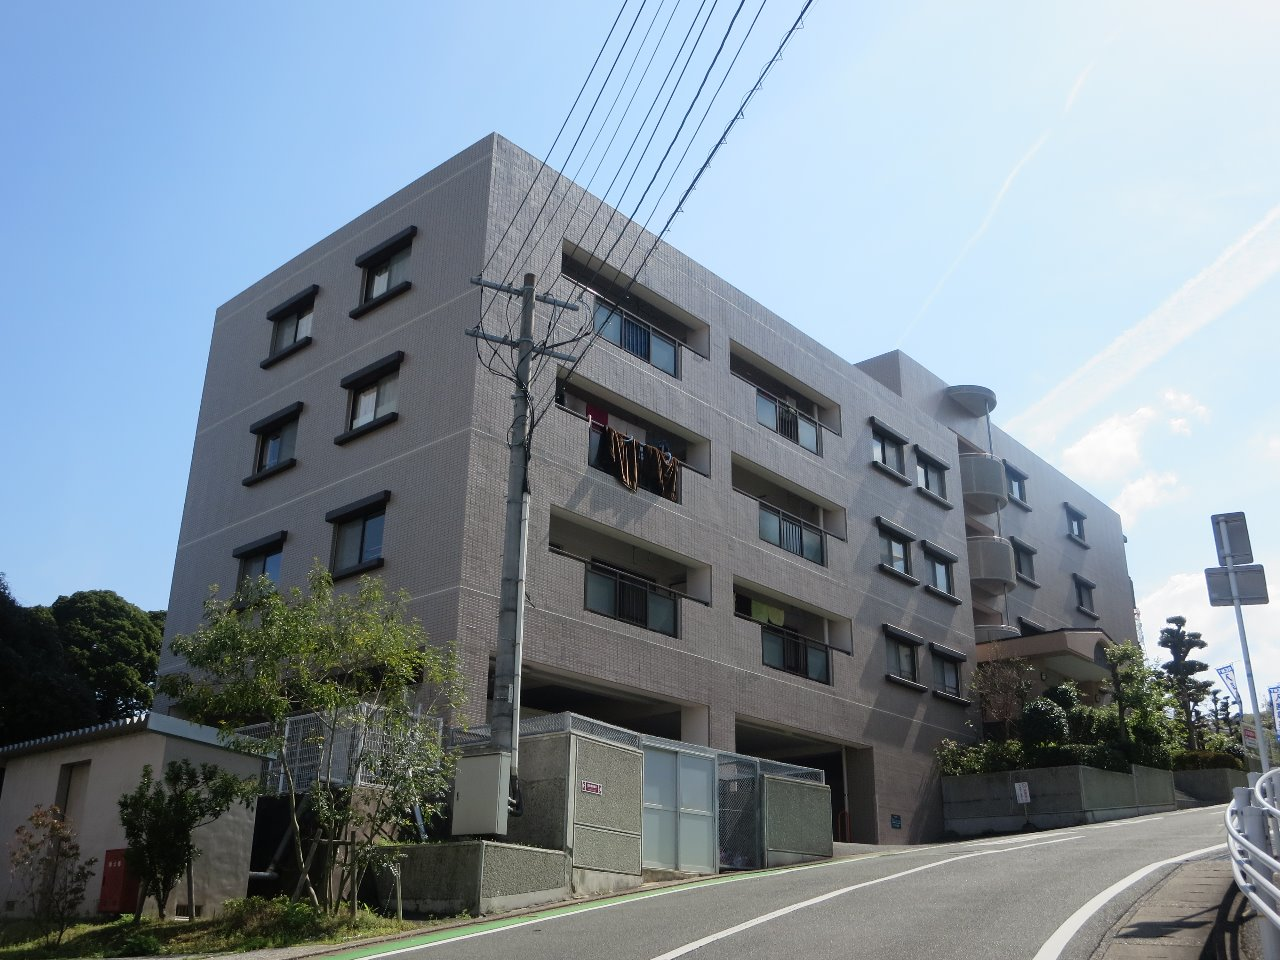 【賃貸物件】3LDK|福岡市動物園、植物園も車ですぐ!